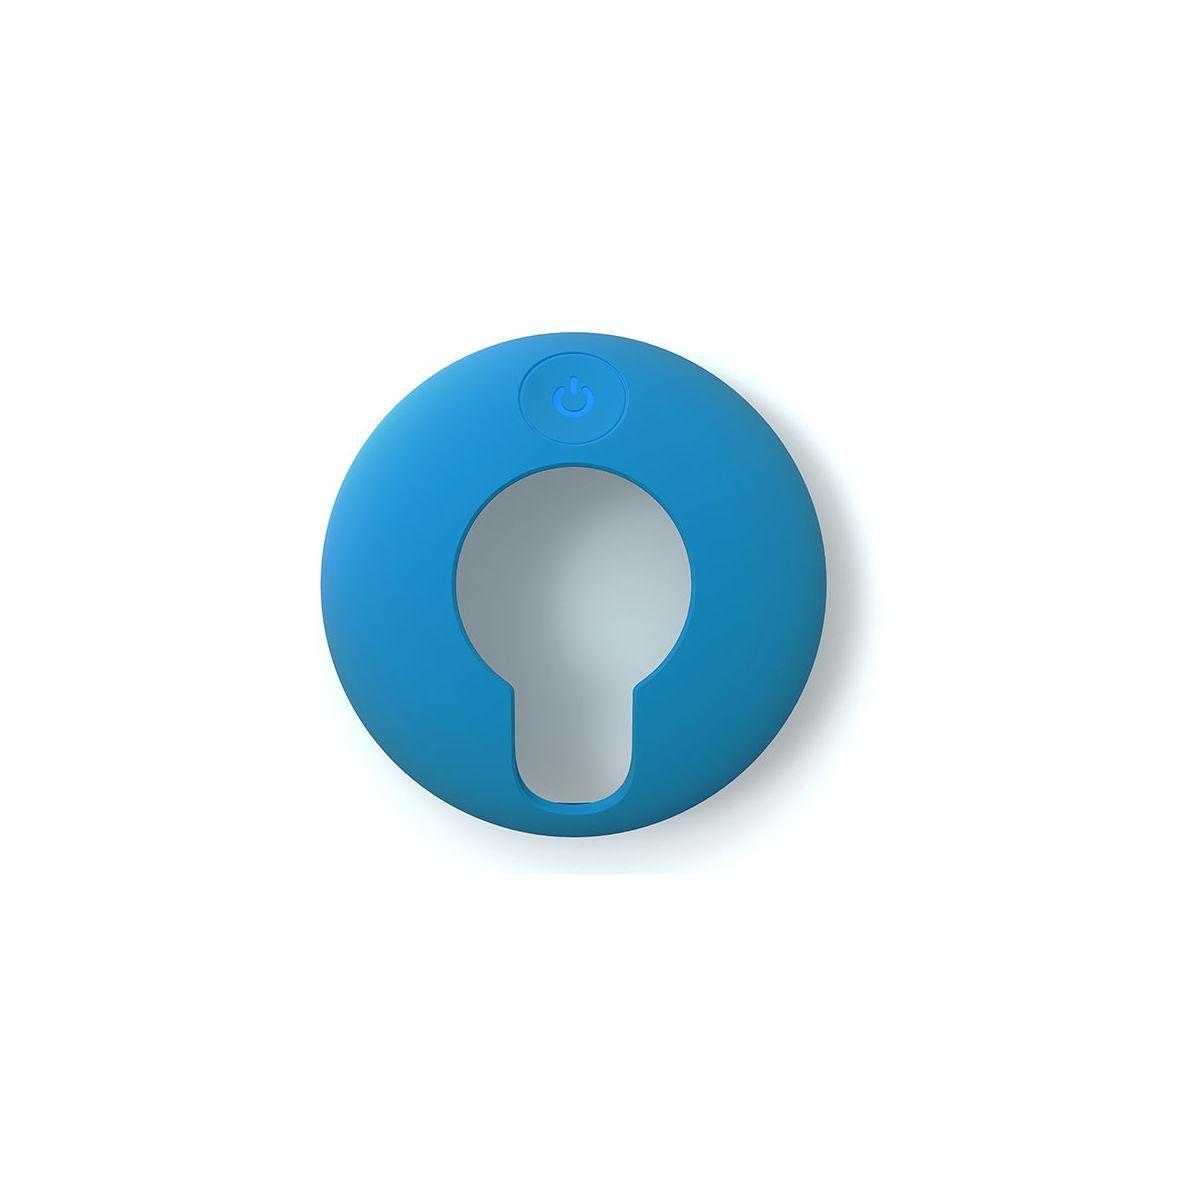 Coque tomtom coque protection silicone bleue ciel vio - livraison offerte : code livrelais (photo)